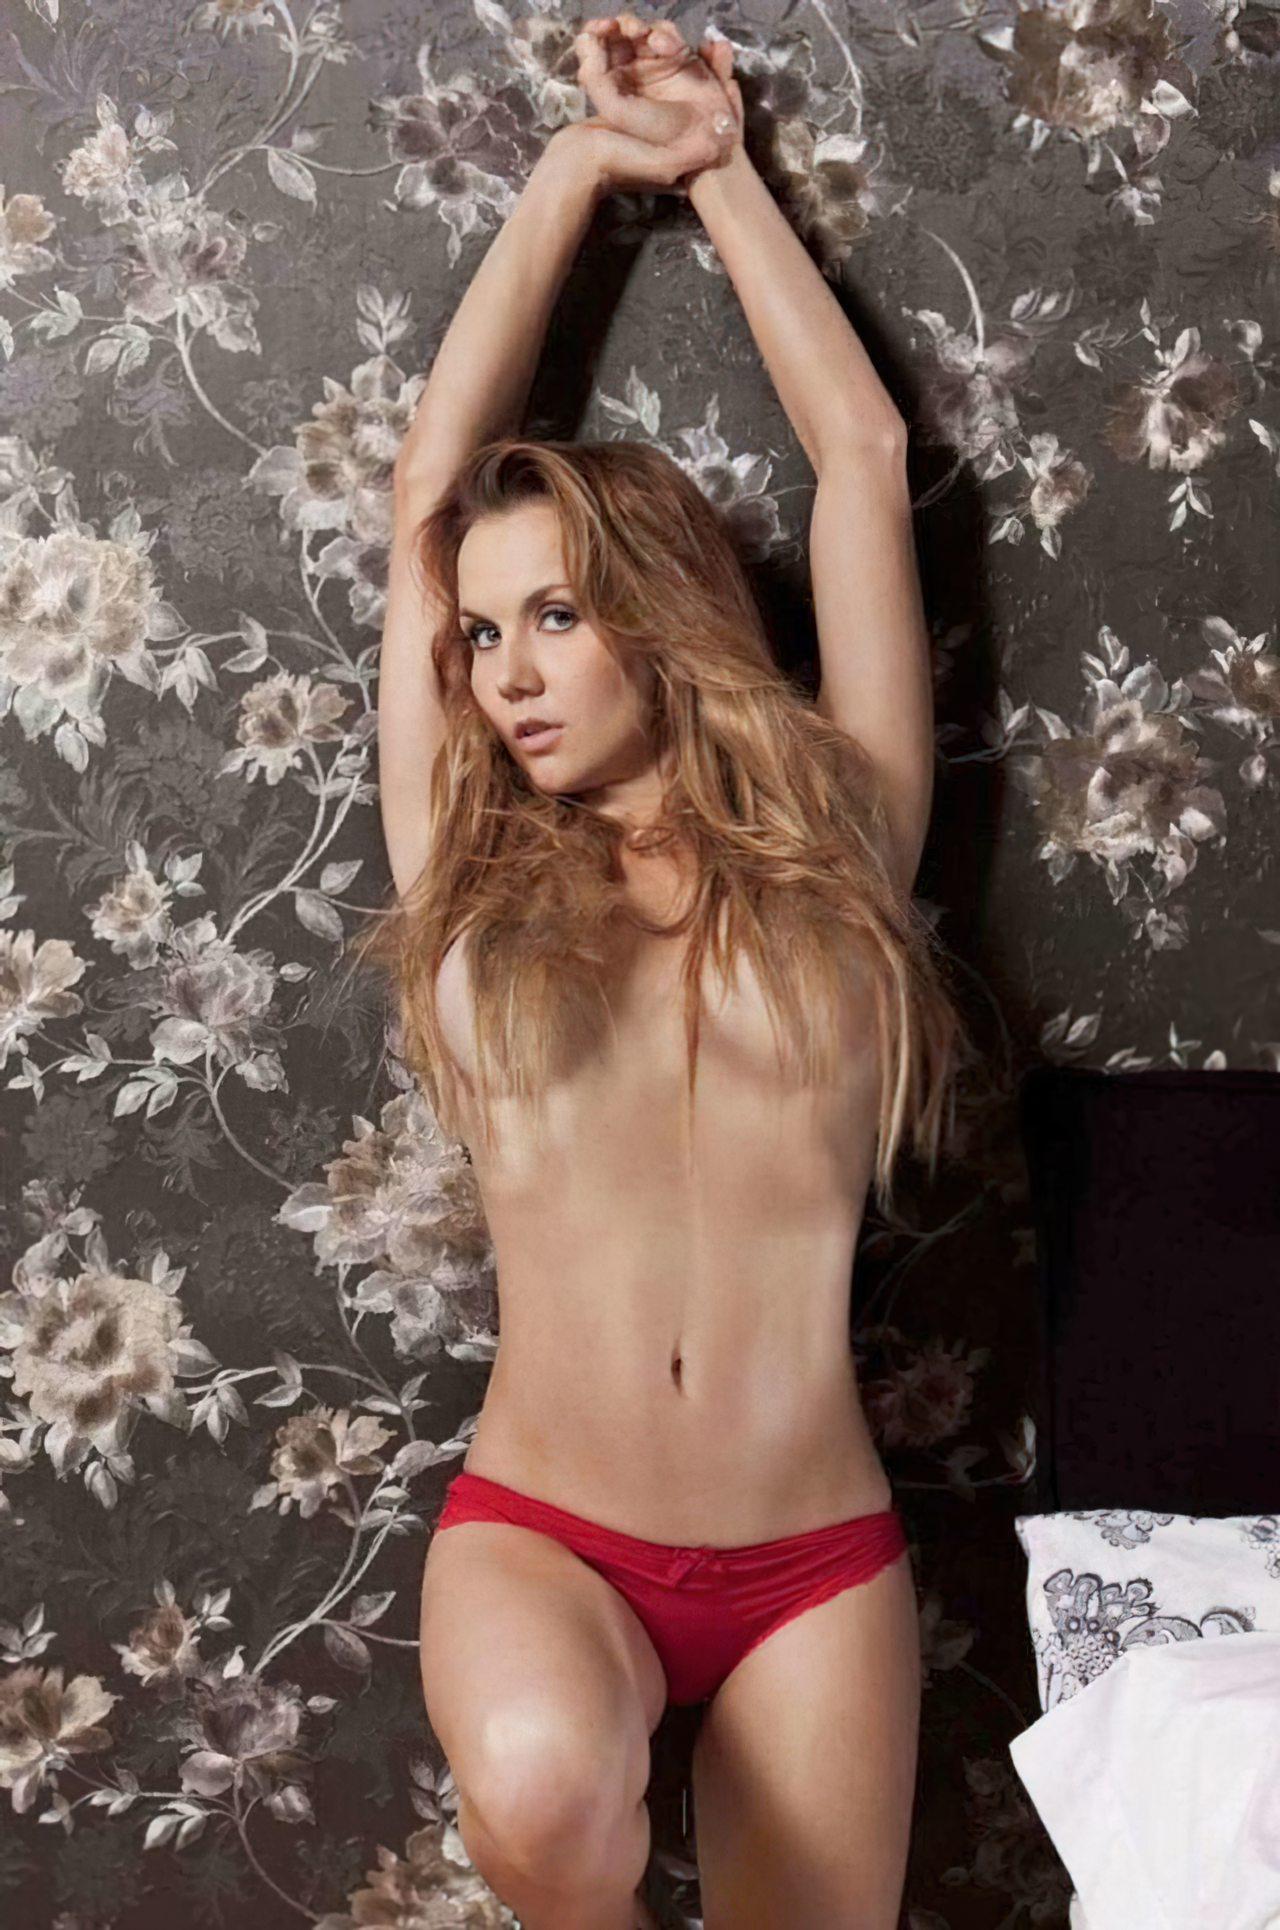 Michelle Vieth (25)